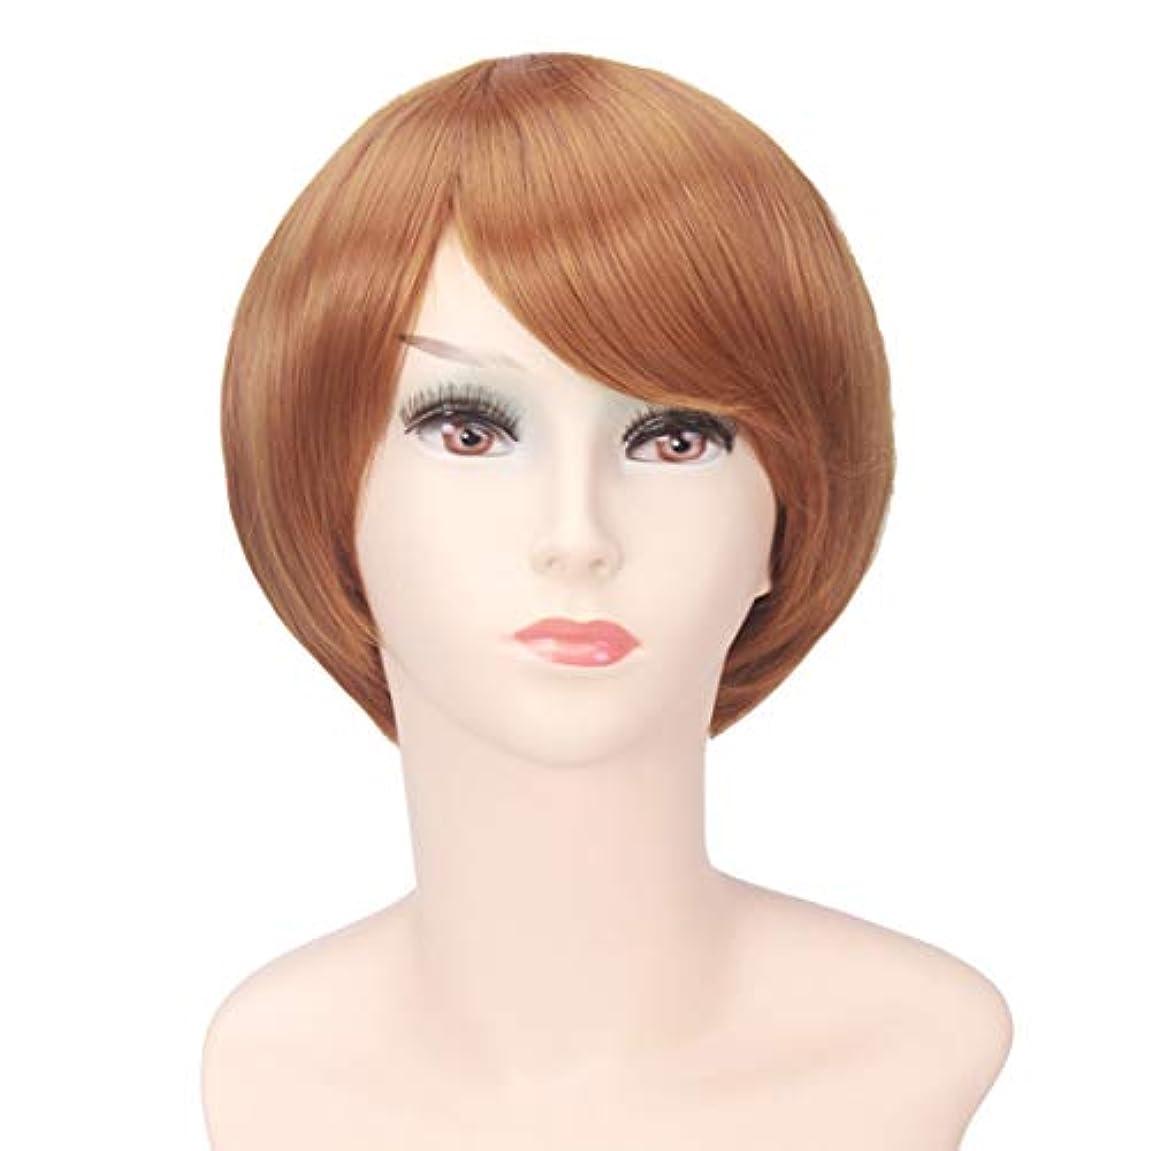 導入するタオルクリスマスYOUQIU 女性のかつらのためにボブ?ヘッド茶ショートストレート髪高温シルクウィッグ (色 : Photo Color)